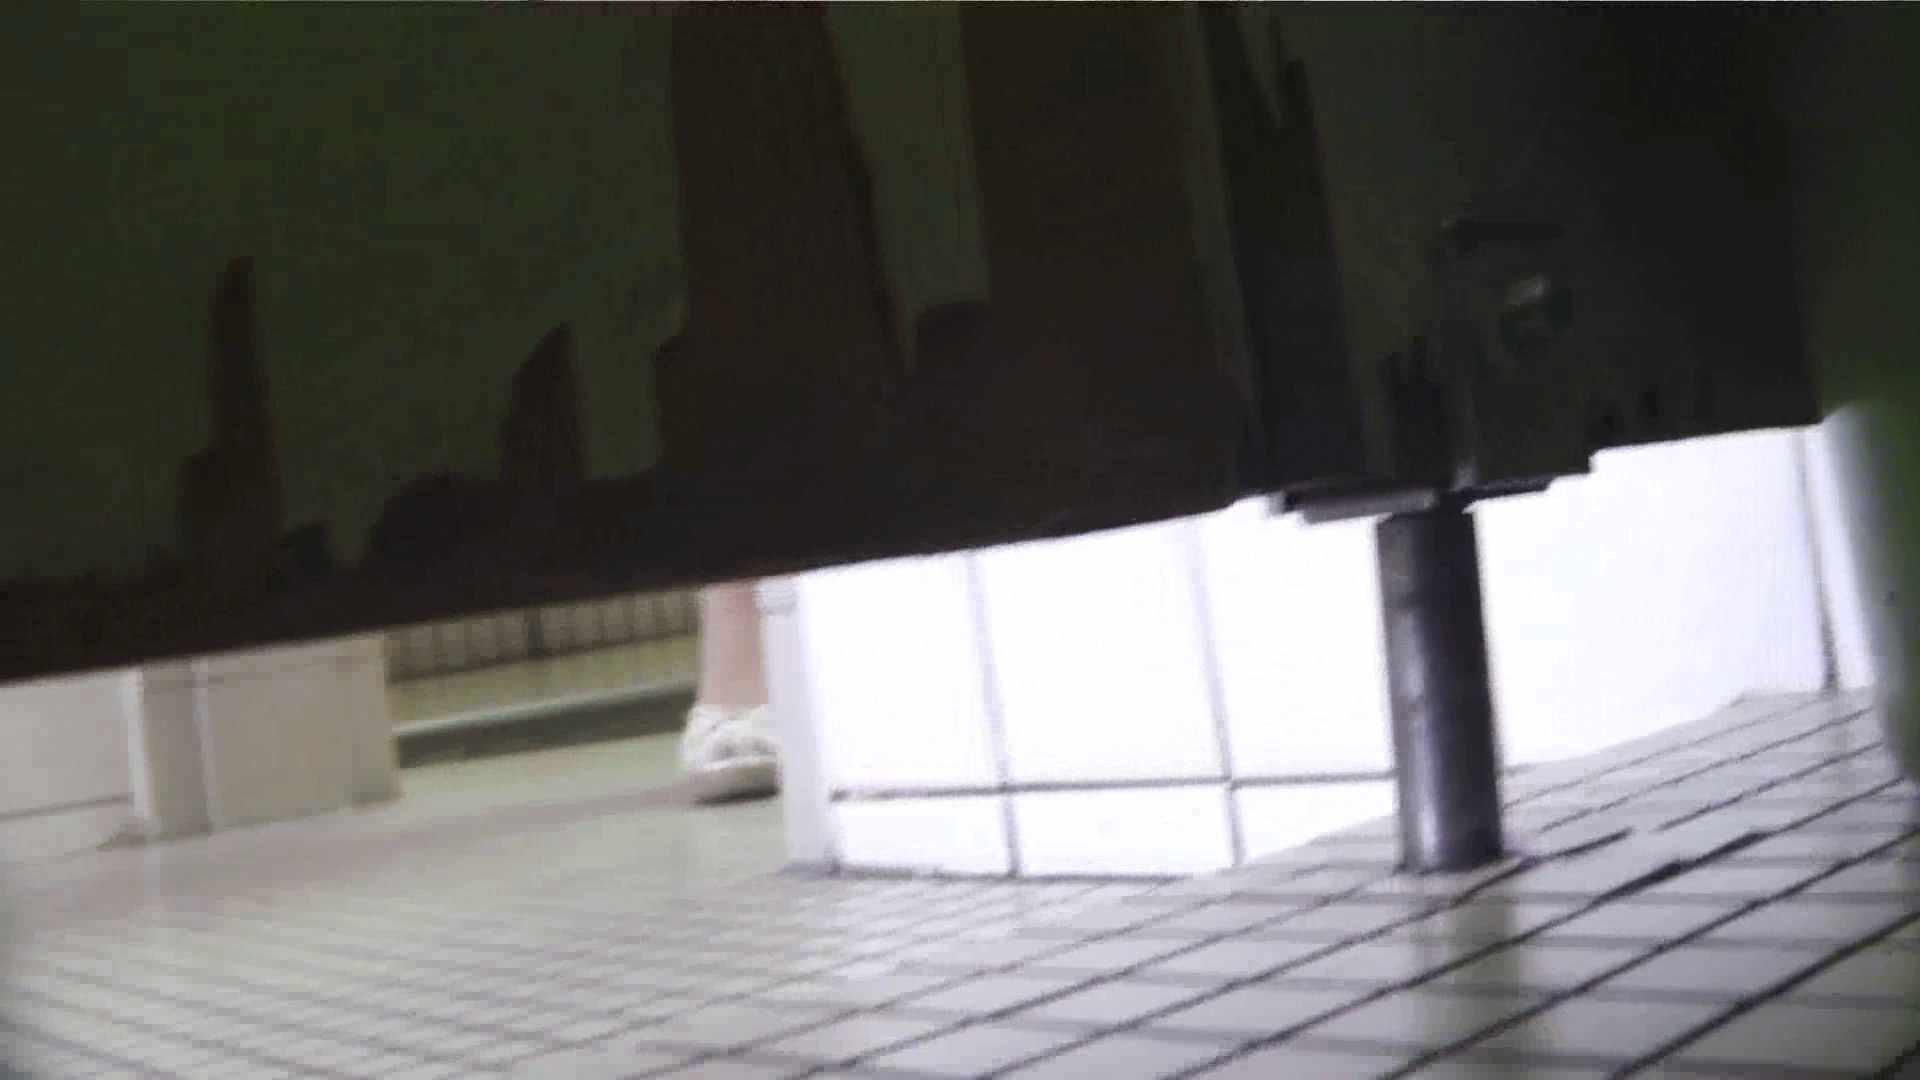 【美しき個室な世界】 vol.025 メガネ属性ヾ(´∀`)ノ 洗面所  84画像 81